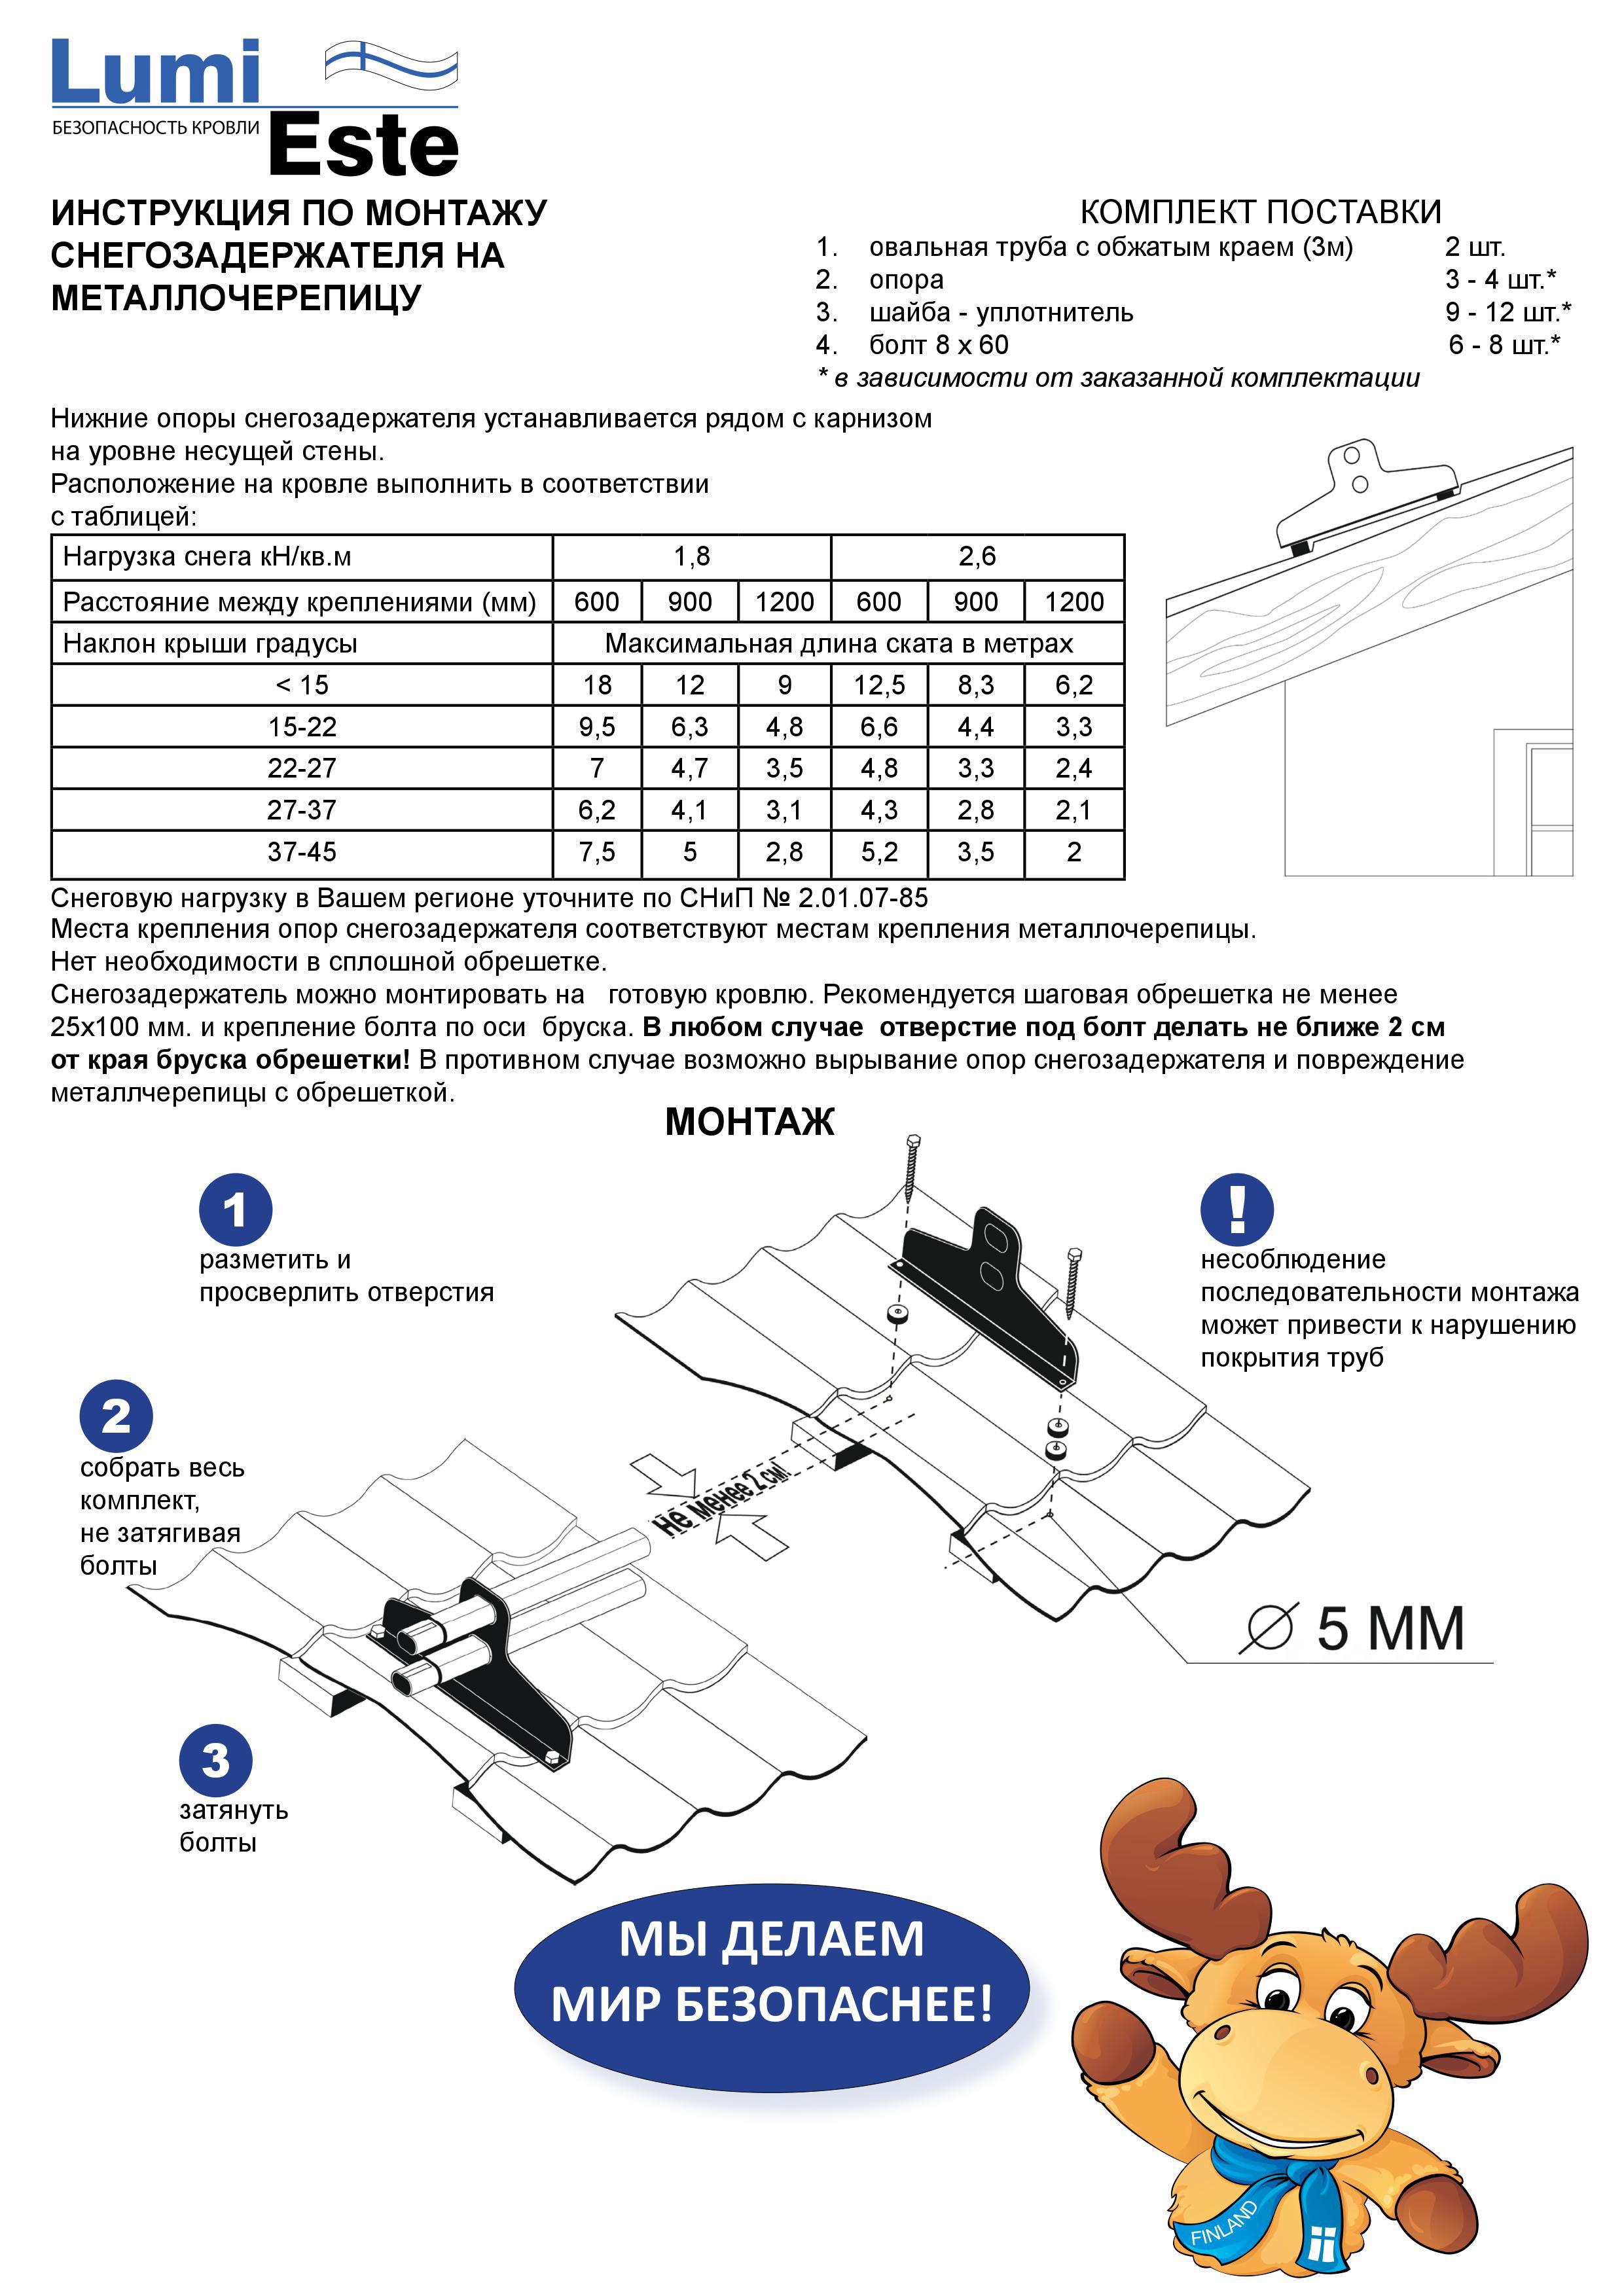 монтаж снегозадержателей на профнастил инструкция